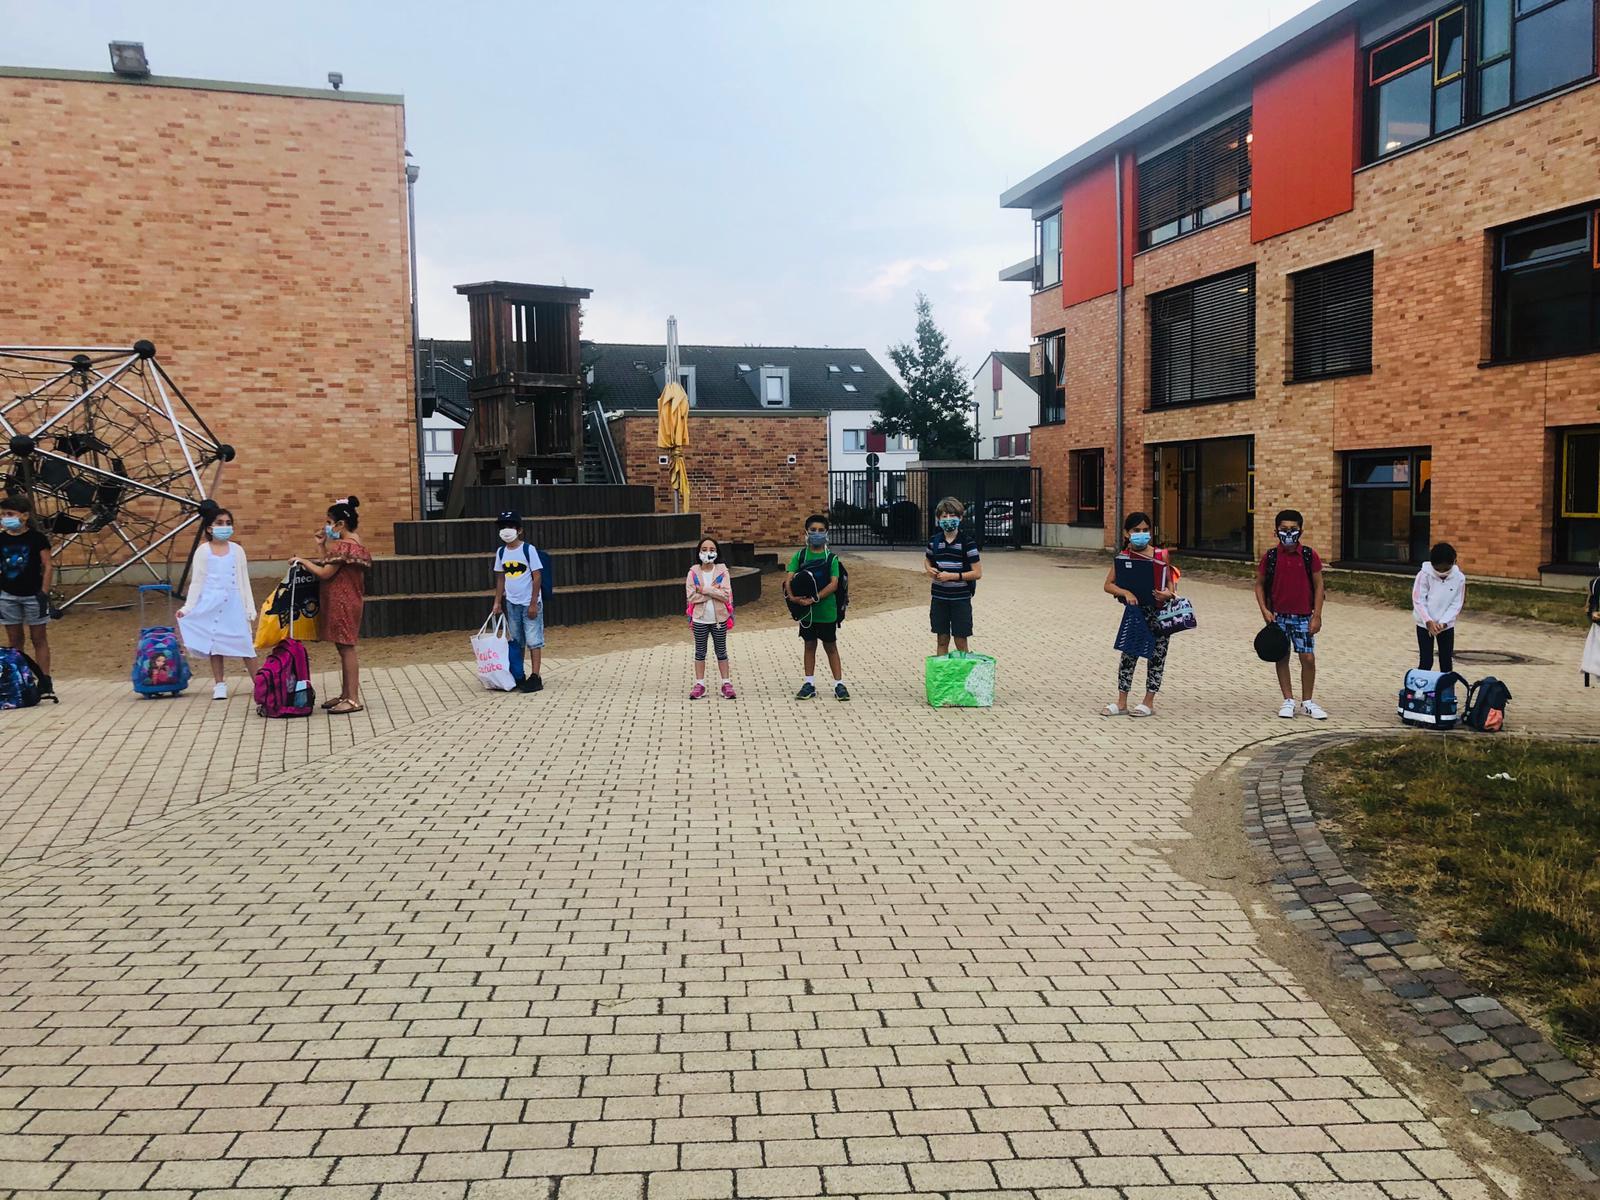 Return to school in the Coronavirus pandemic